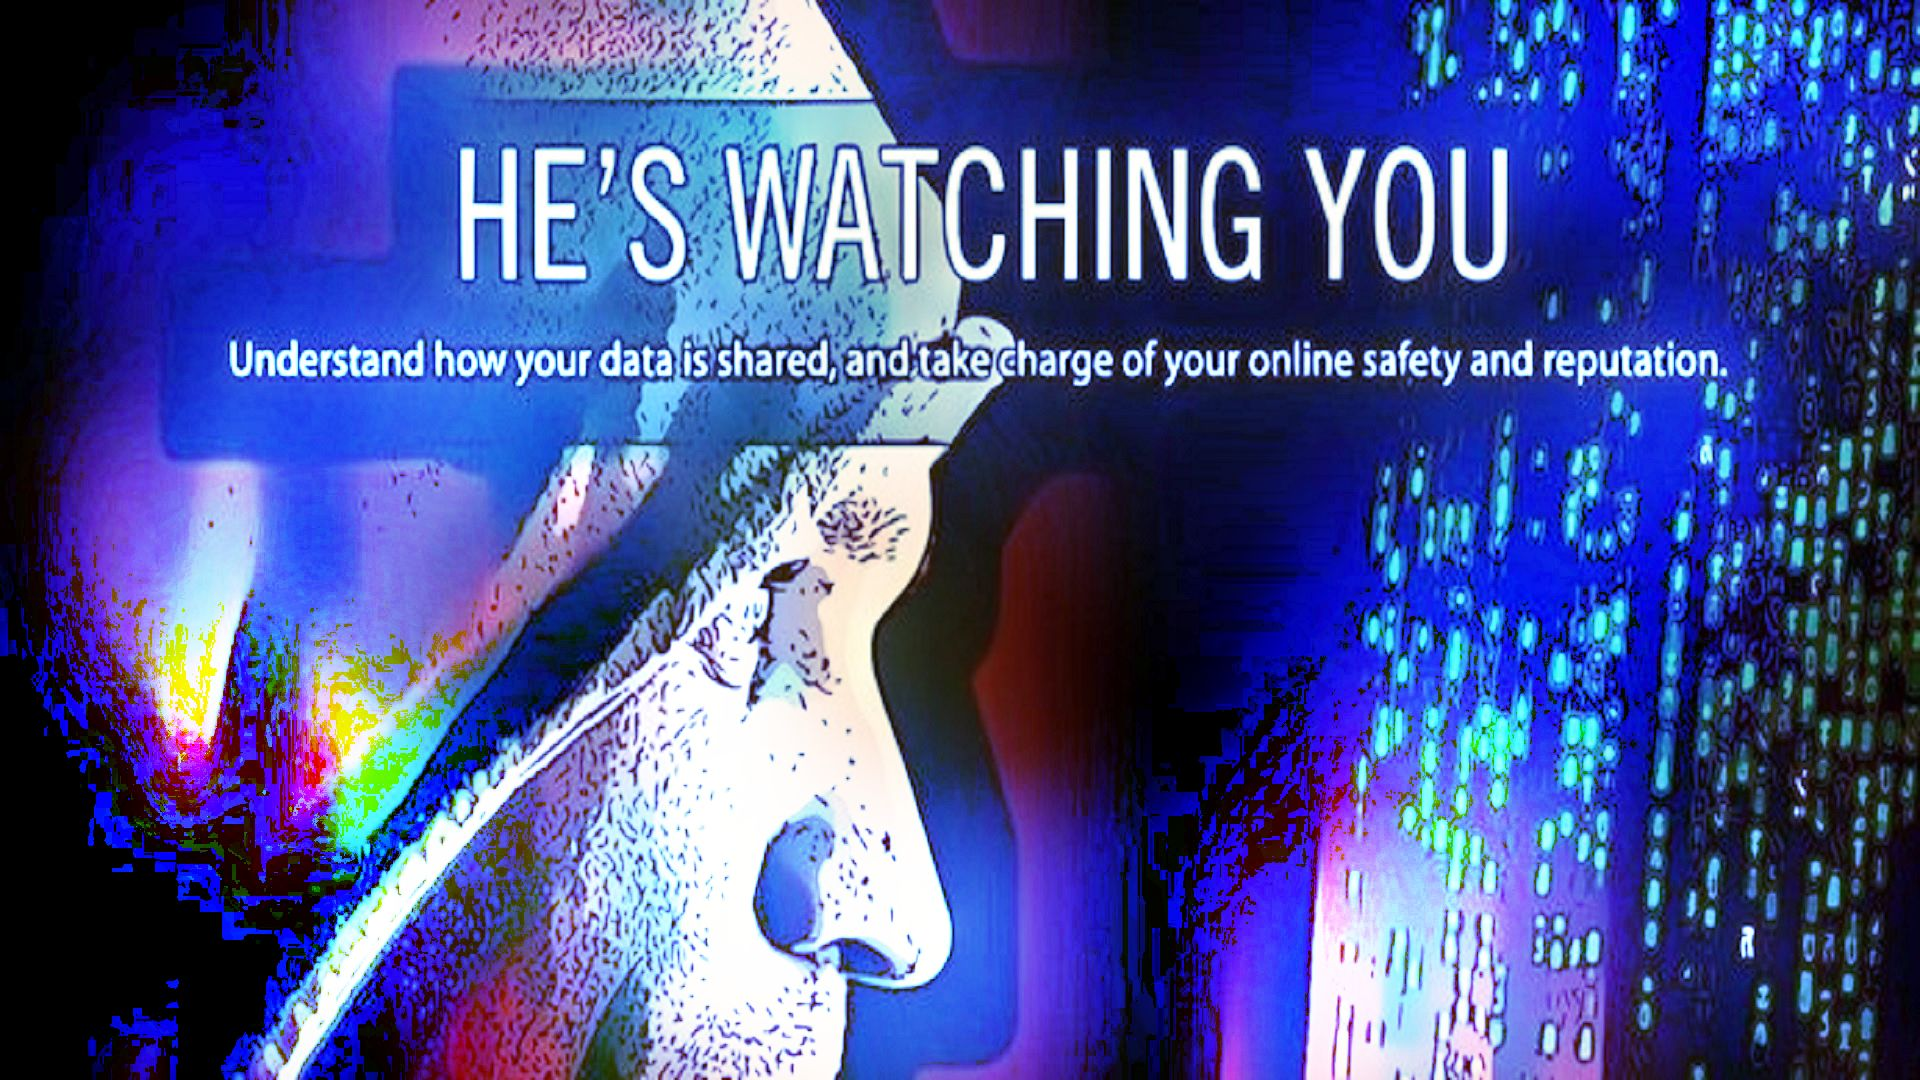 Immagine rappresentativa del mondo dell'hacking, rappresentante il servizio delle investigazioni informatiche offerte dall'azienda Verità Legale.